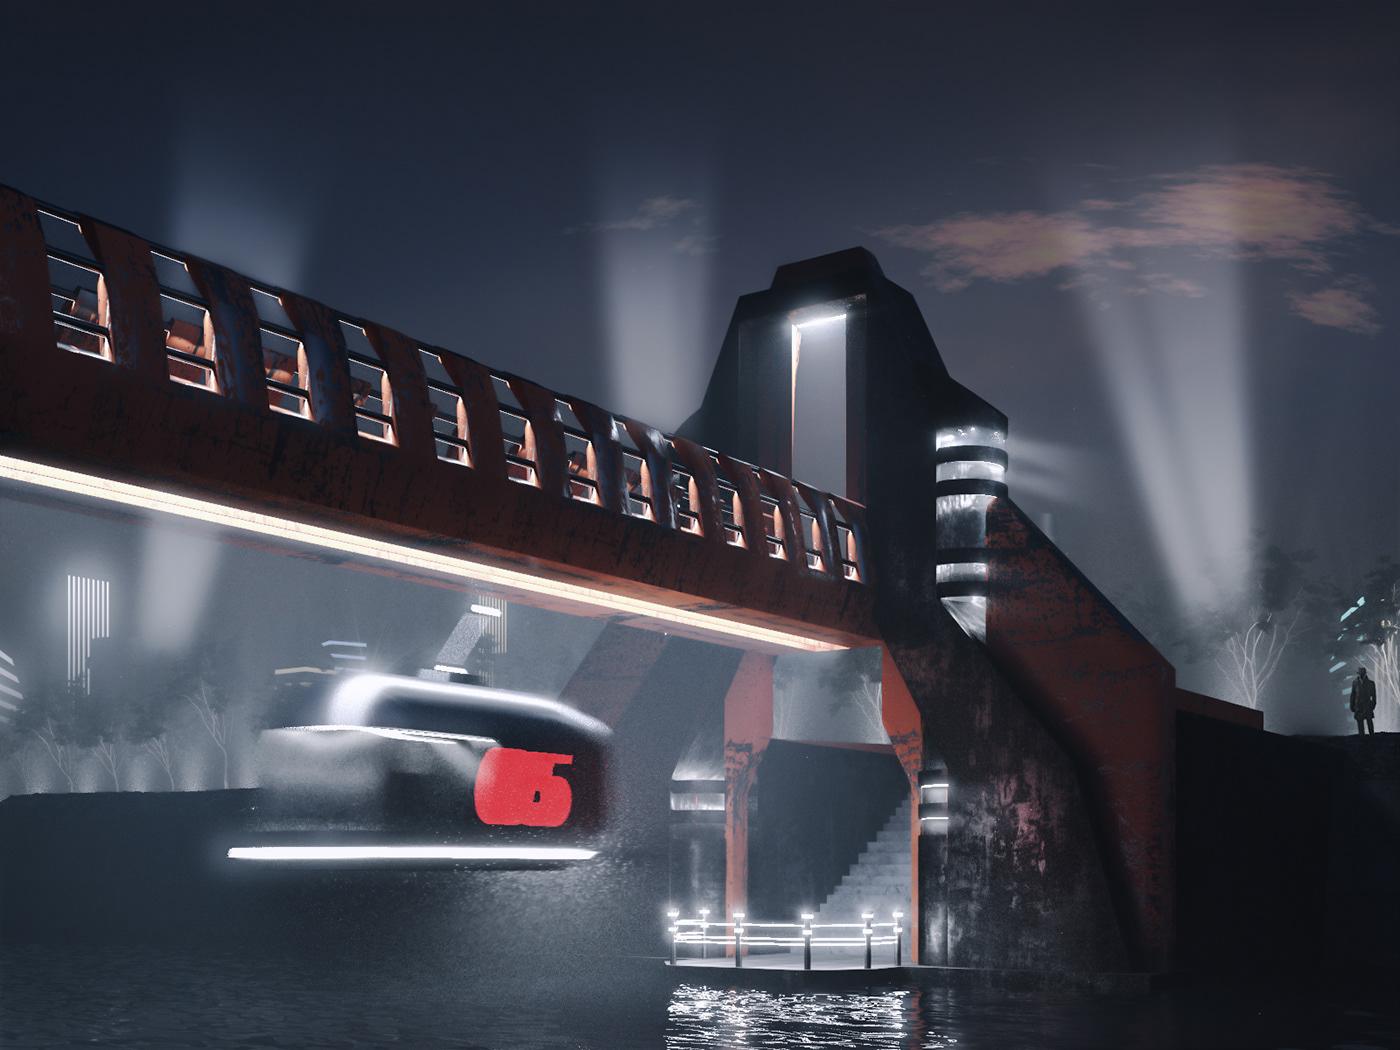 architecture FUTURISM retrofuturism 3D rendreing bridge night noir